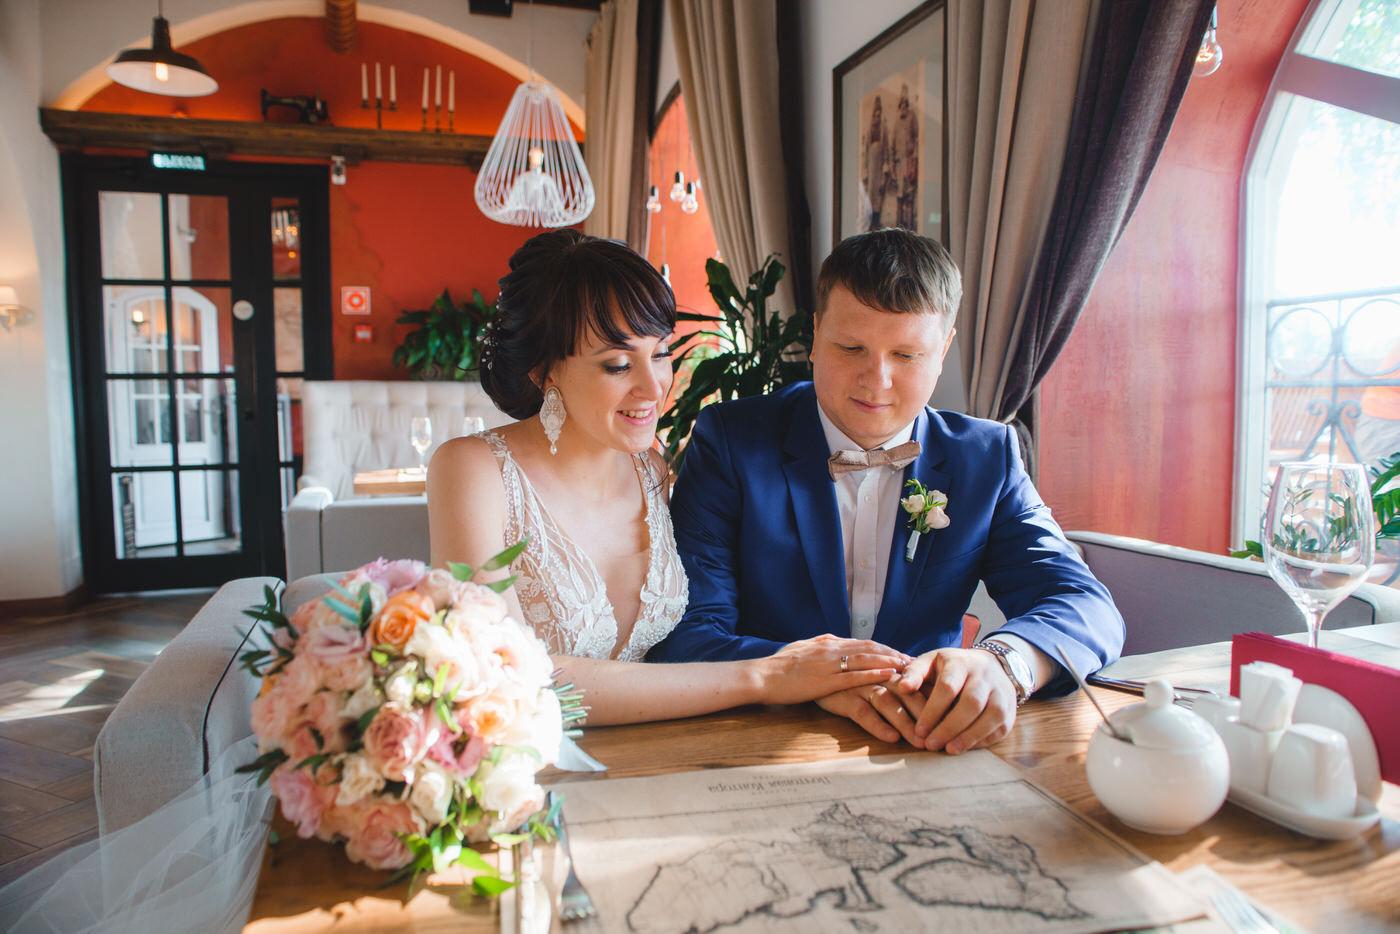 где сфотографироваться на свадьбе архангельск только каком